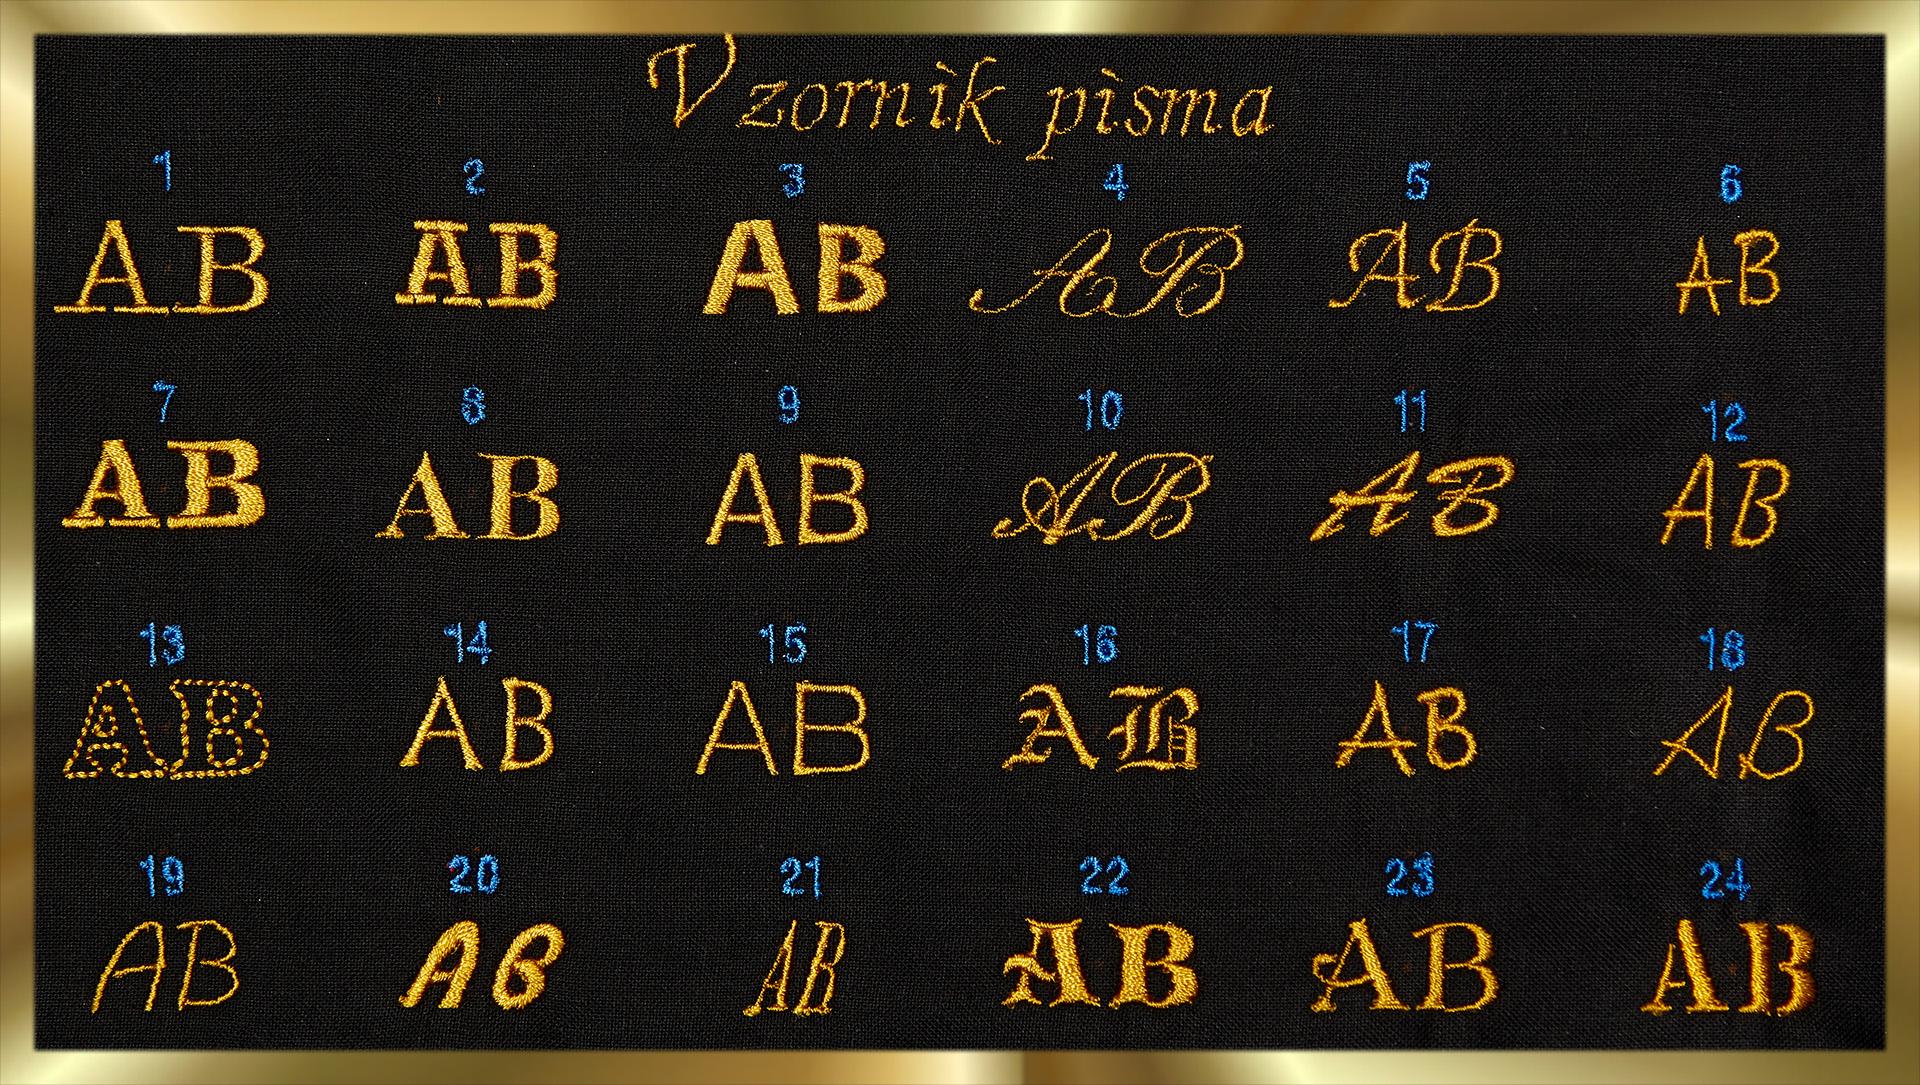 vzornik_pisma